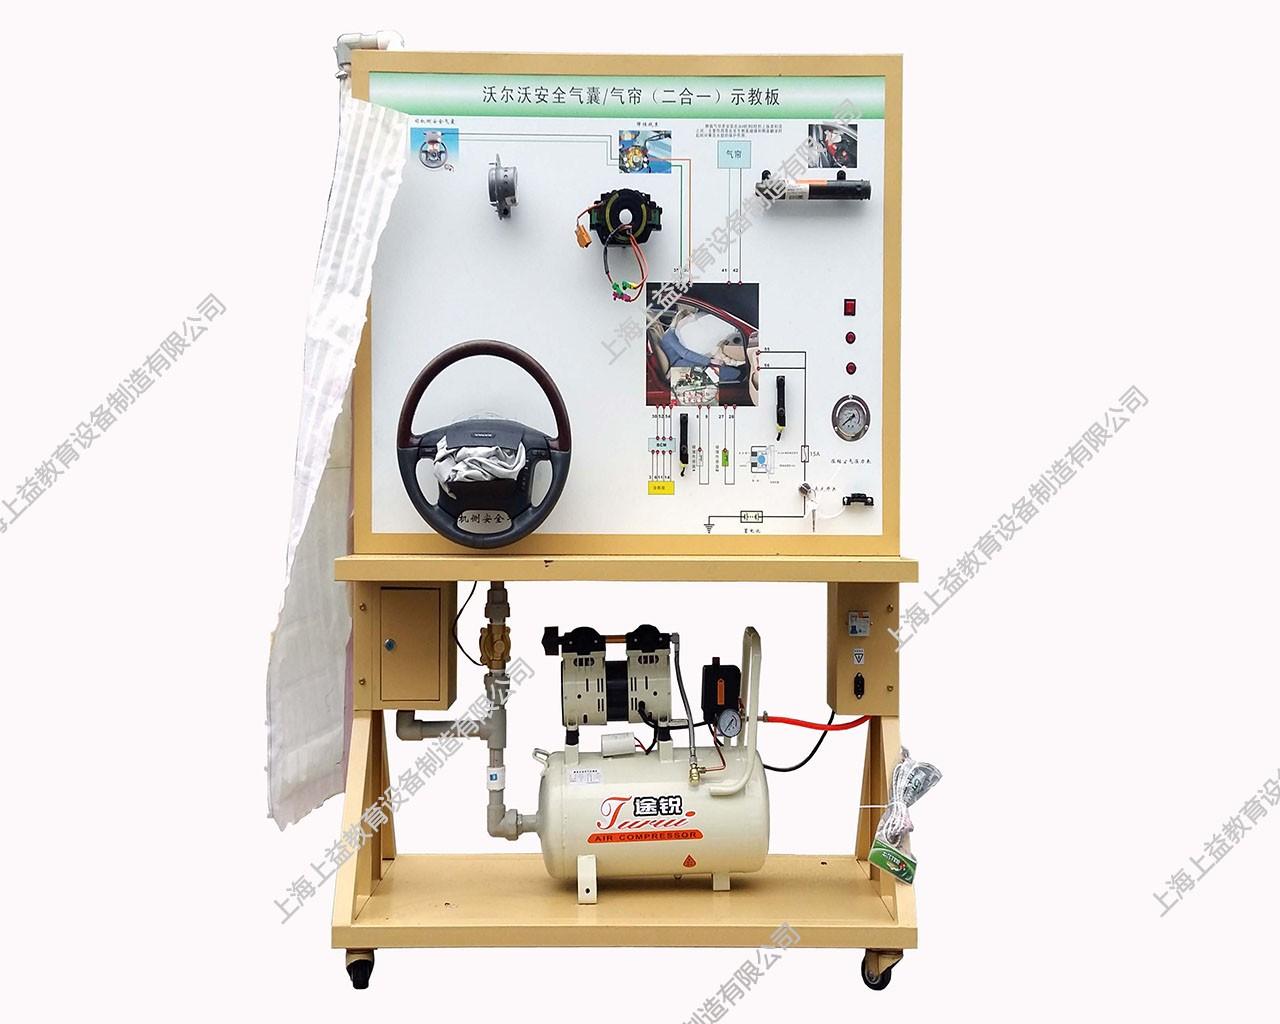 汽车安全气囊/气帘系统示教板